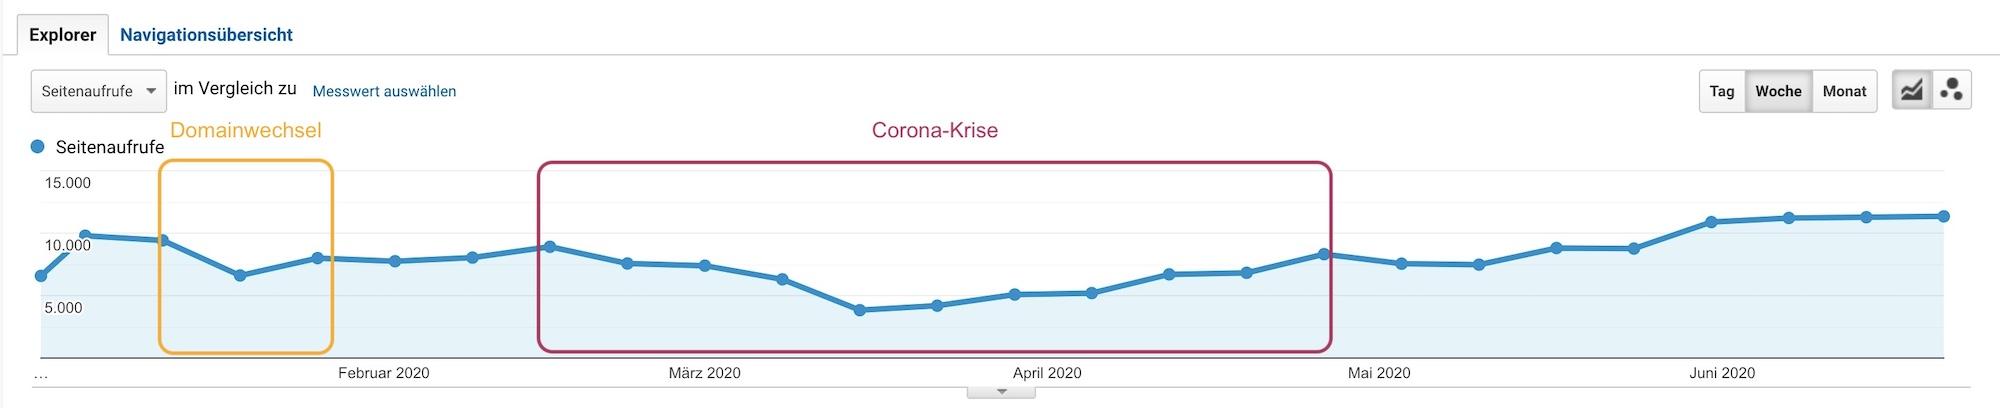 Website-Traffic: Einbruch durch Domainwechsel und Coronakrise